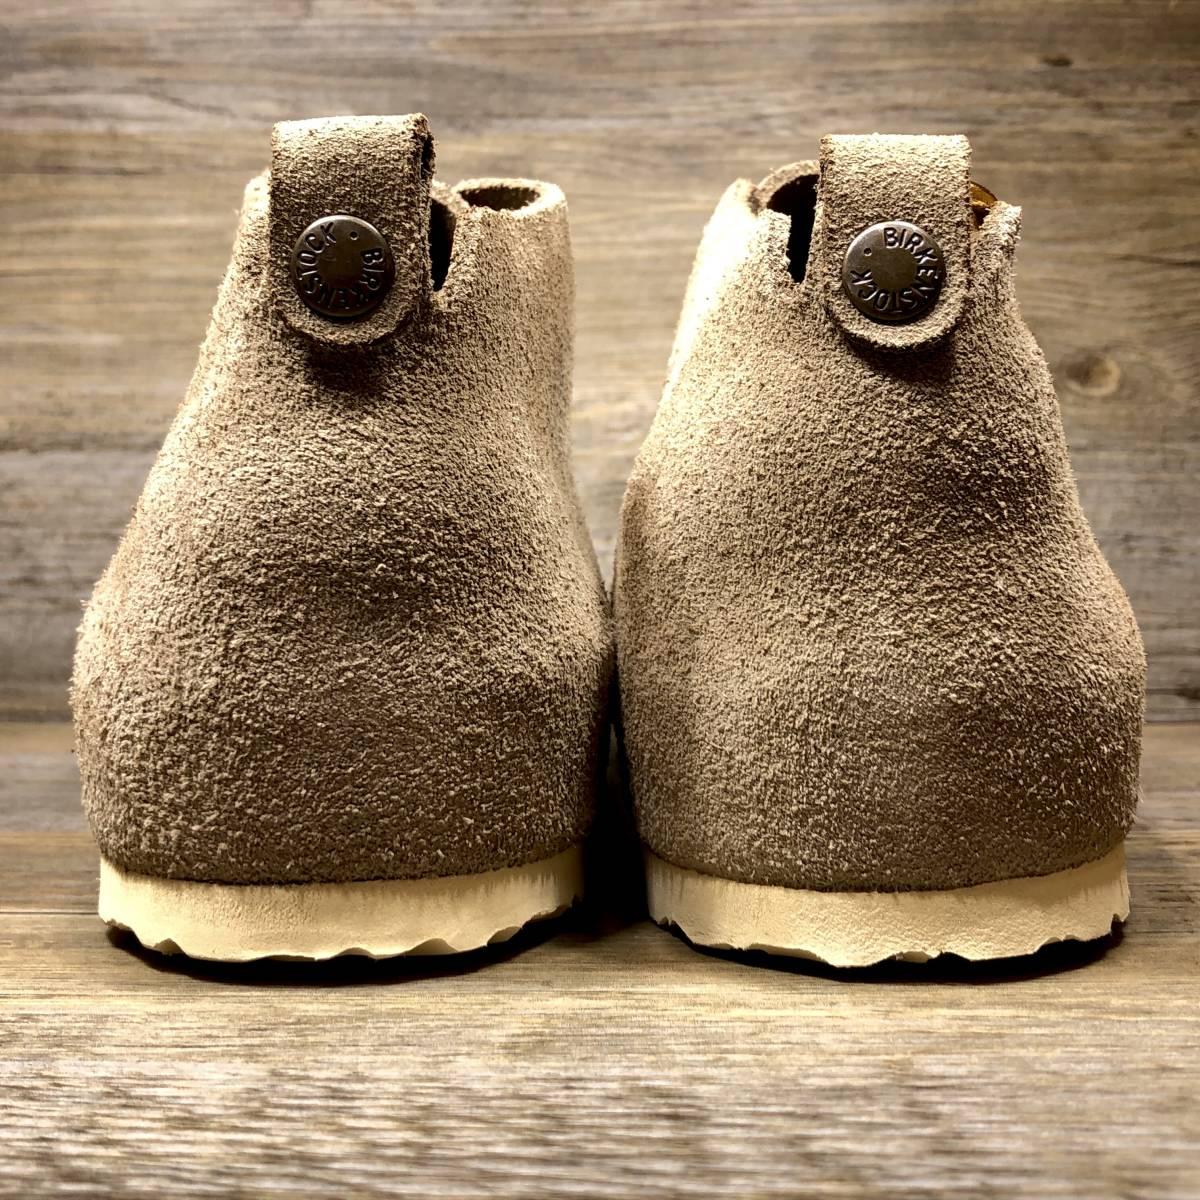 ■BIRKENSTOCK DUNDEE■ 未使用品 定価19,580円 27cm 42 ベージュ ビルケンシュトック ダンディー メンズ 靴 革靴 天然皮革 くつ 即決_画像5